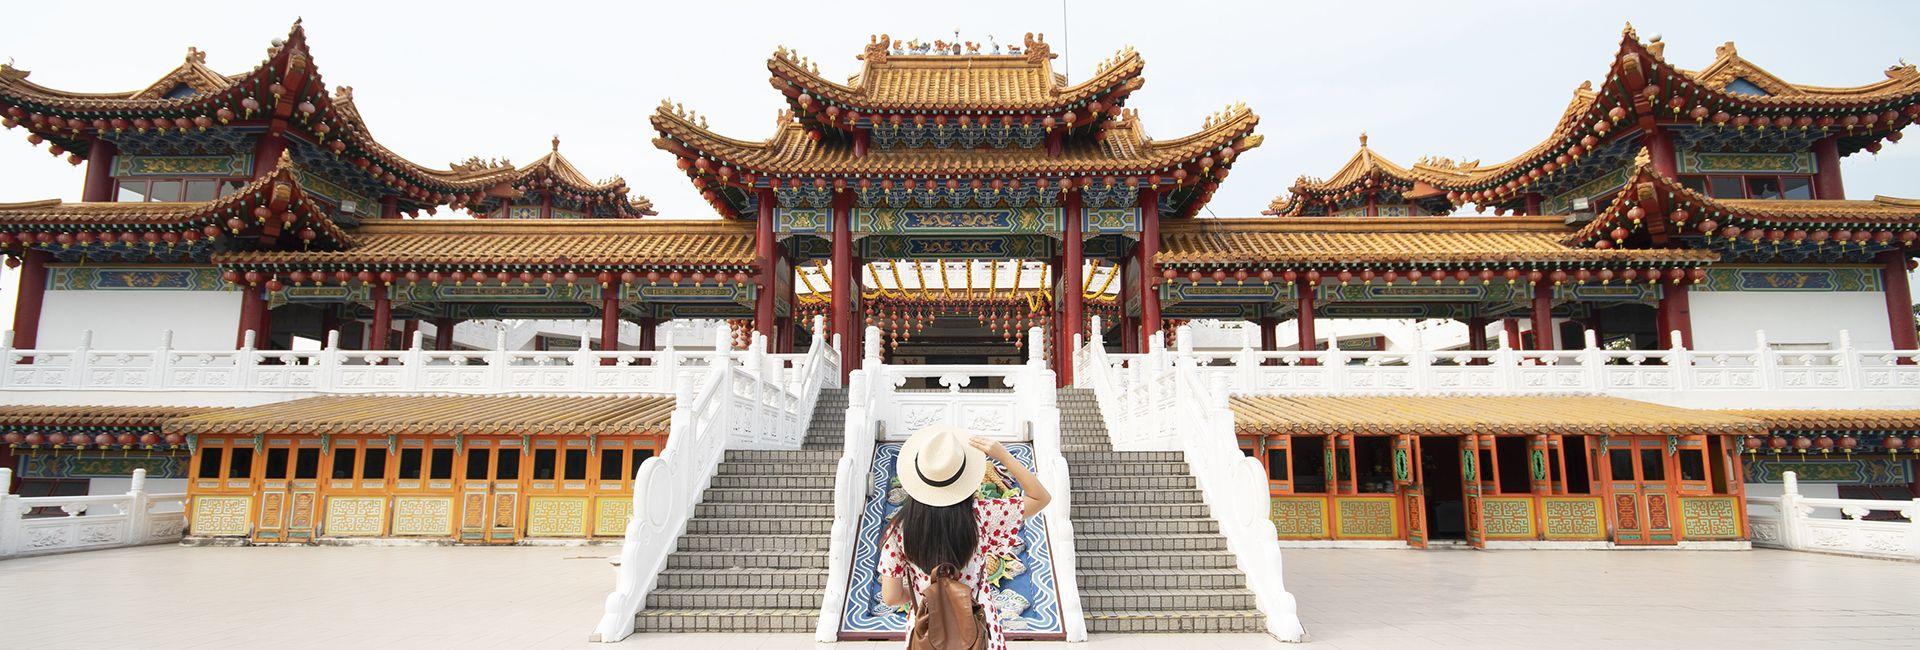 Kinh nghiệm du lịch Kuala Lumpur tiết kiệm chi phí